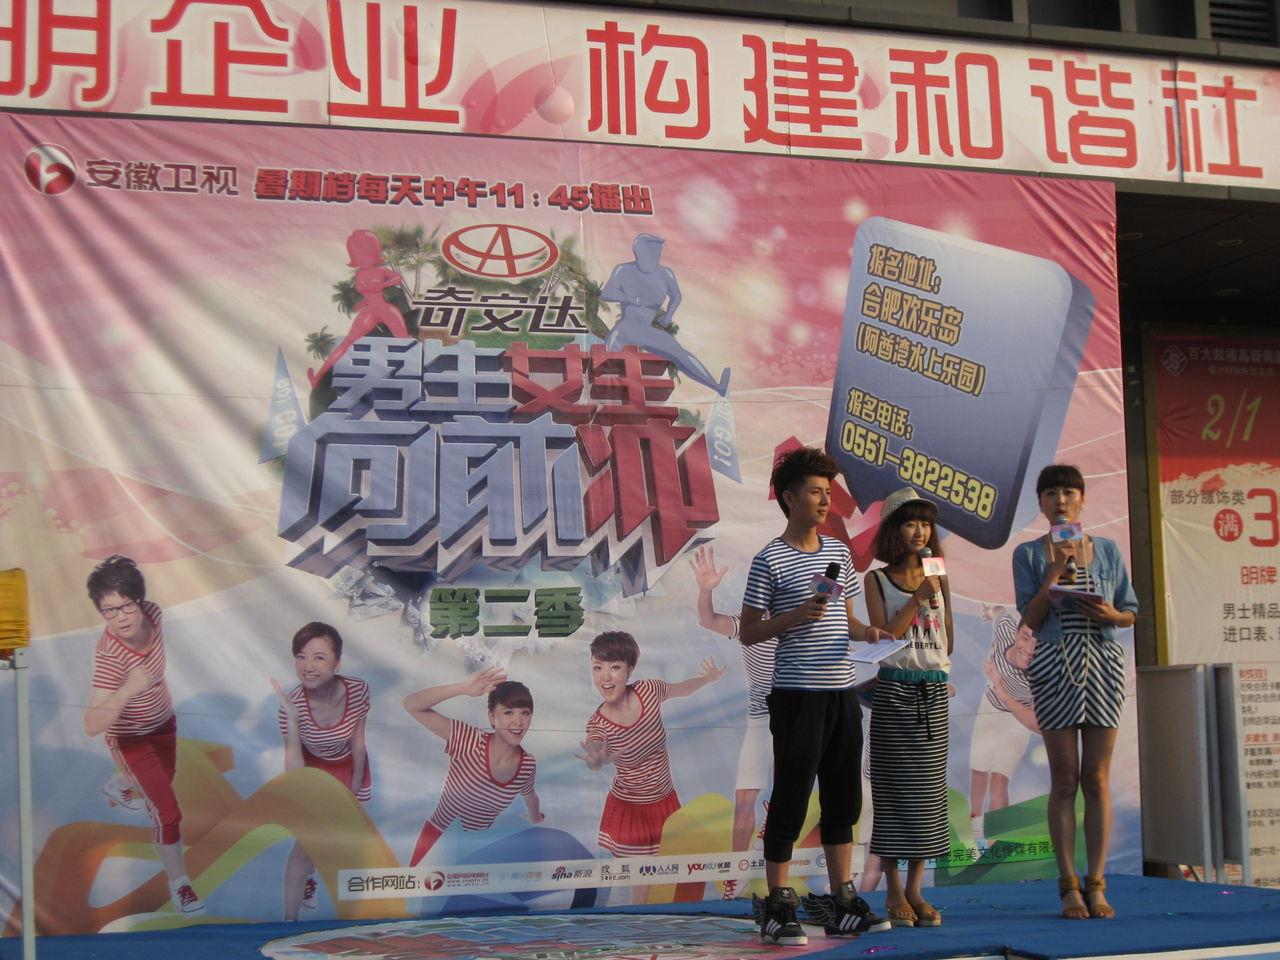 男生女生向前冲第二季主持人 谁帮我看看这三个人分别